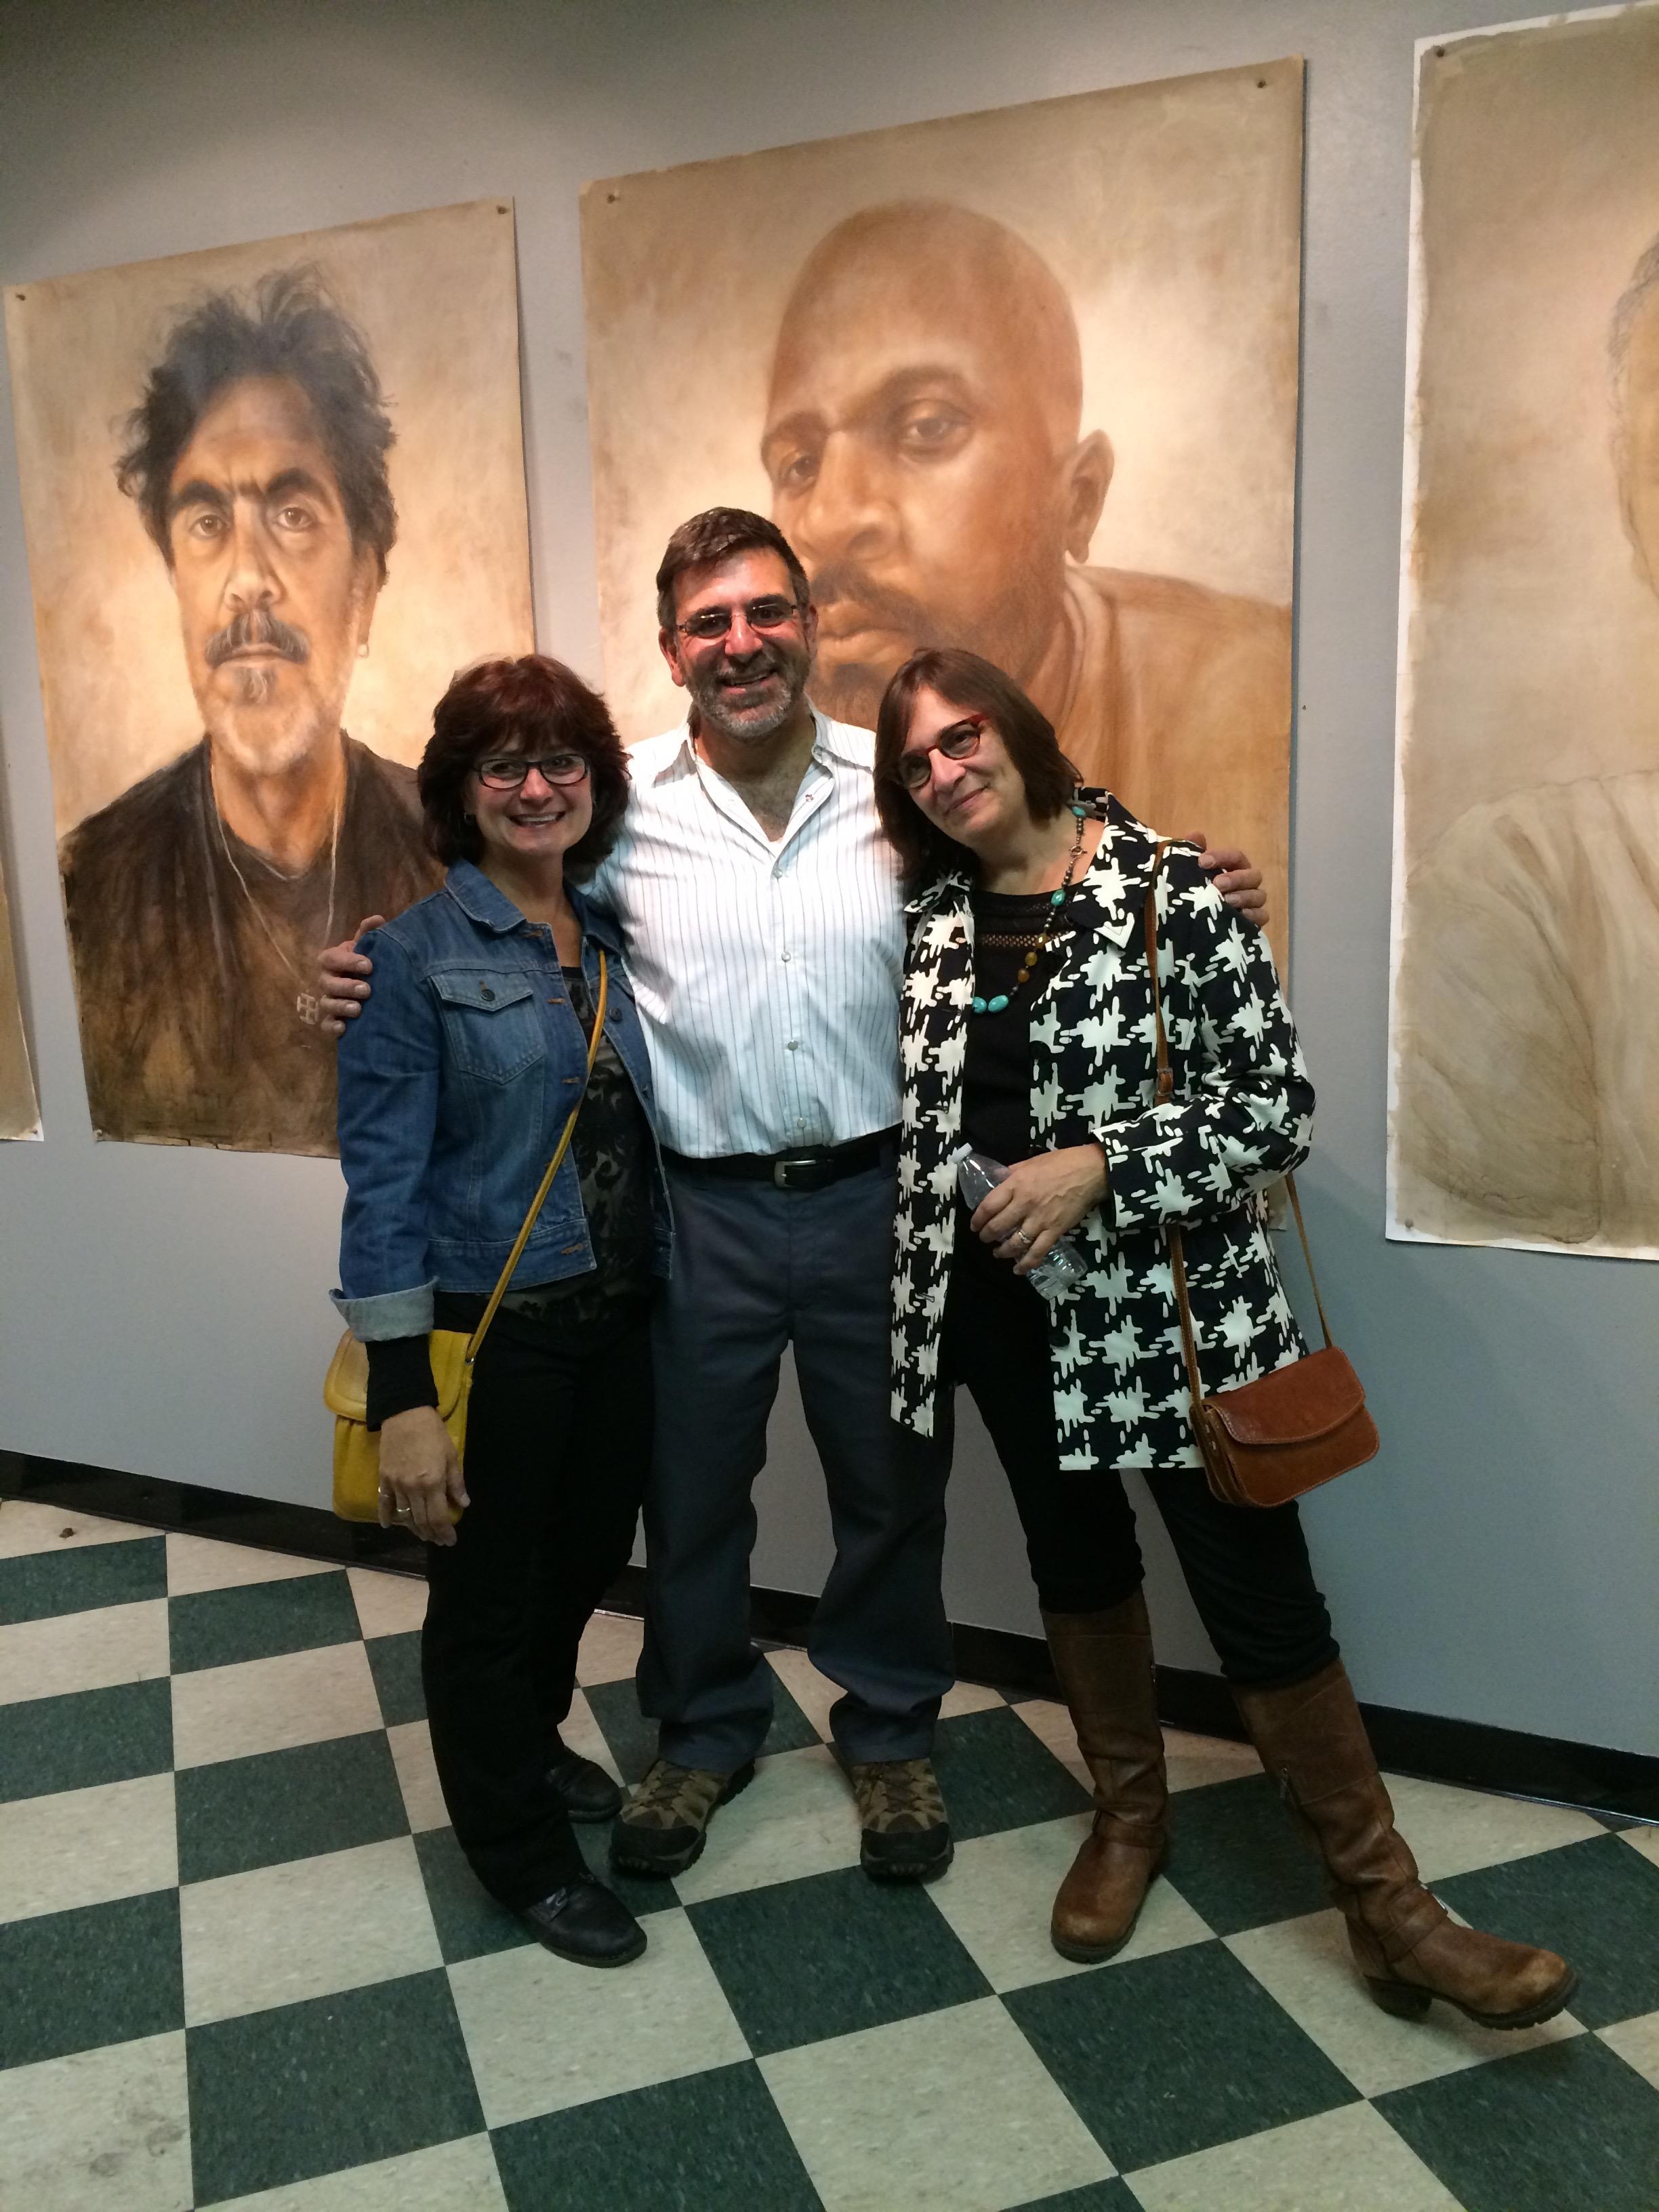 Joe Radoccia posing with sisters